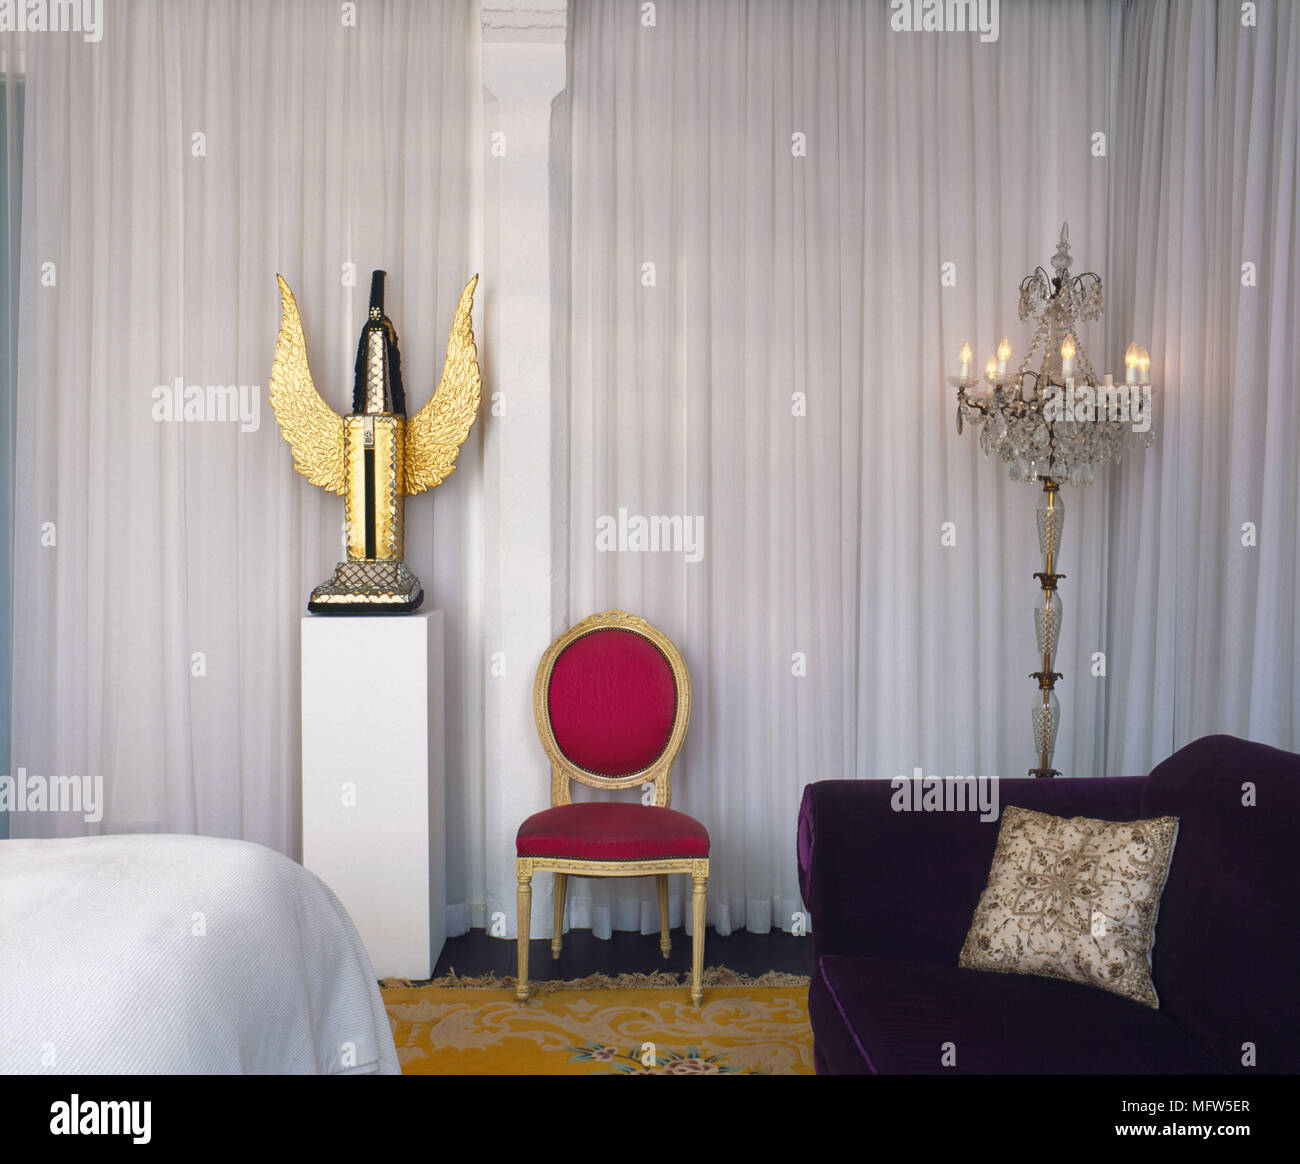 Stili Di Camere Da Letto un dettaglio di una camera da letto con una miscela di stili